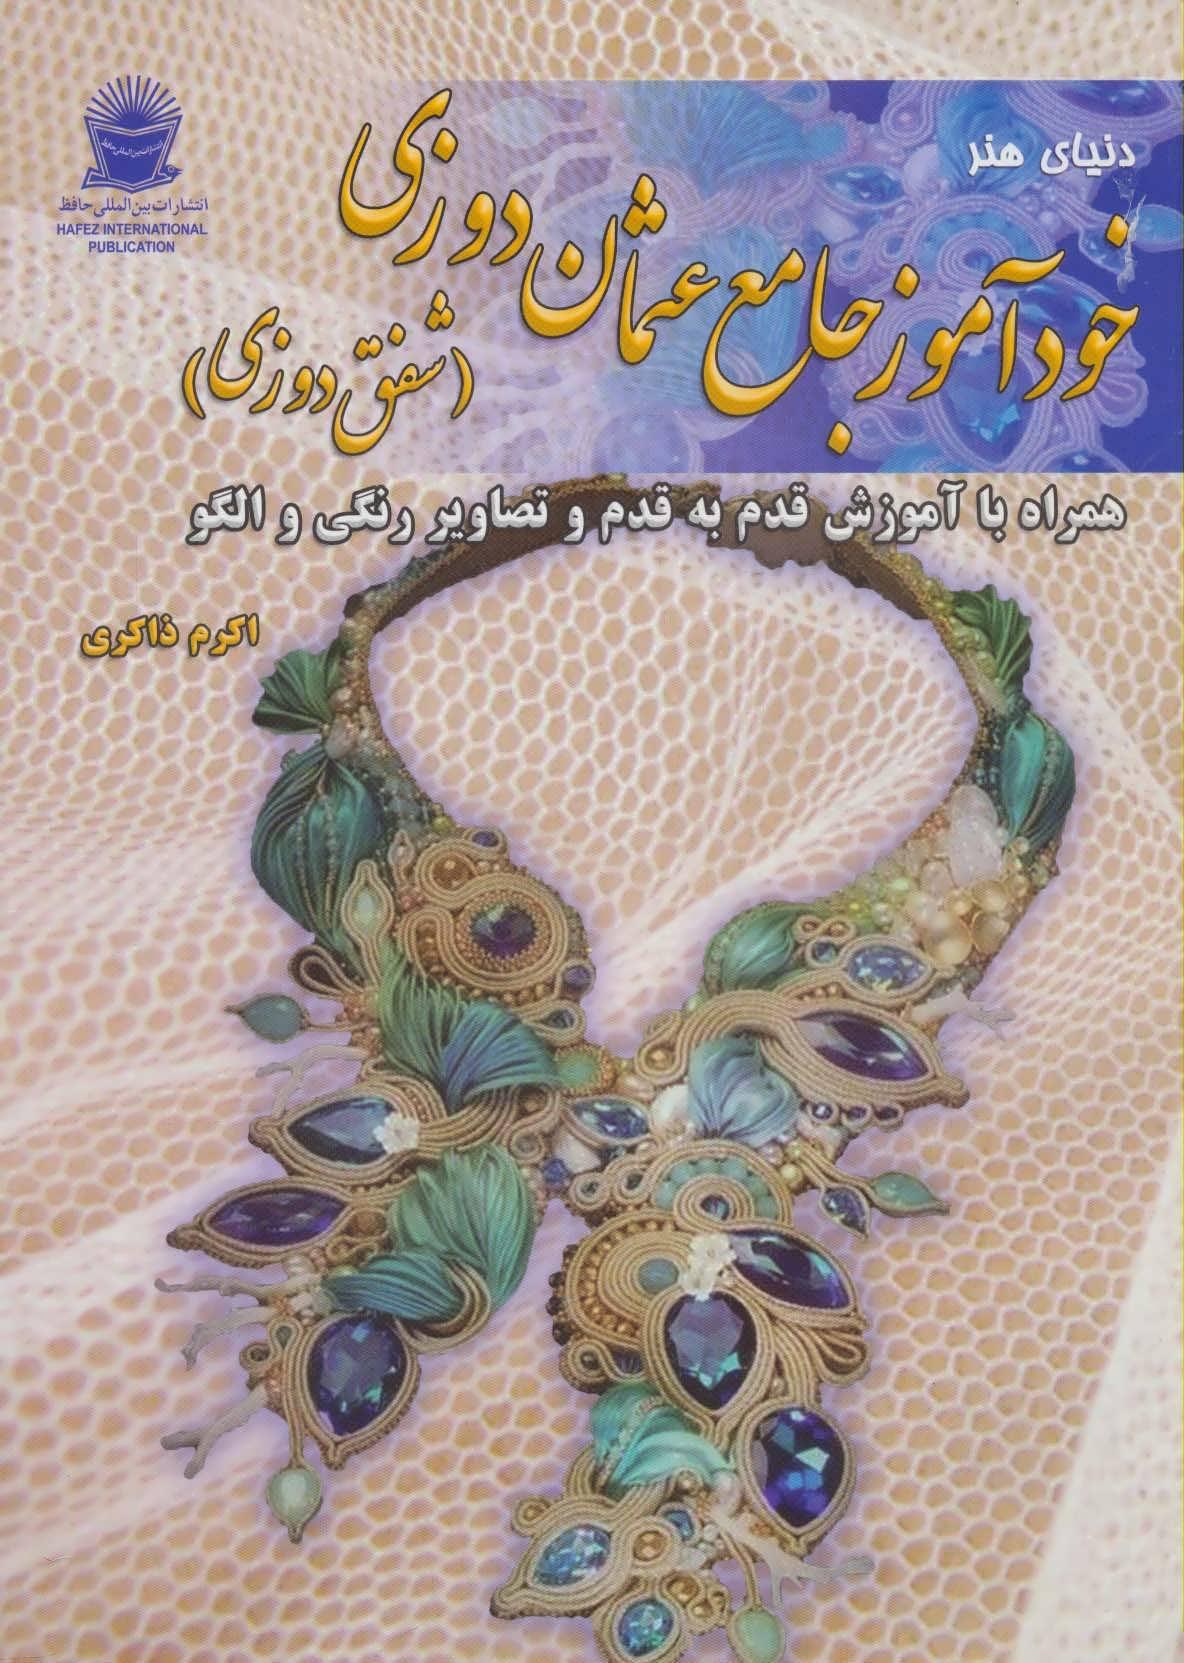 دنياي هنر خودآموز جامع عثمان دوزي (شفق دوزي)